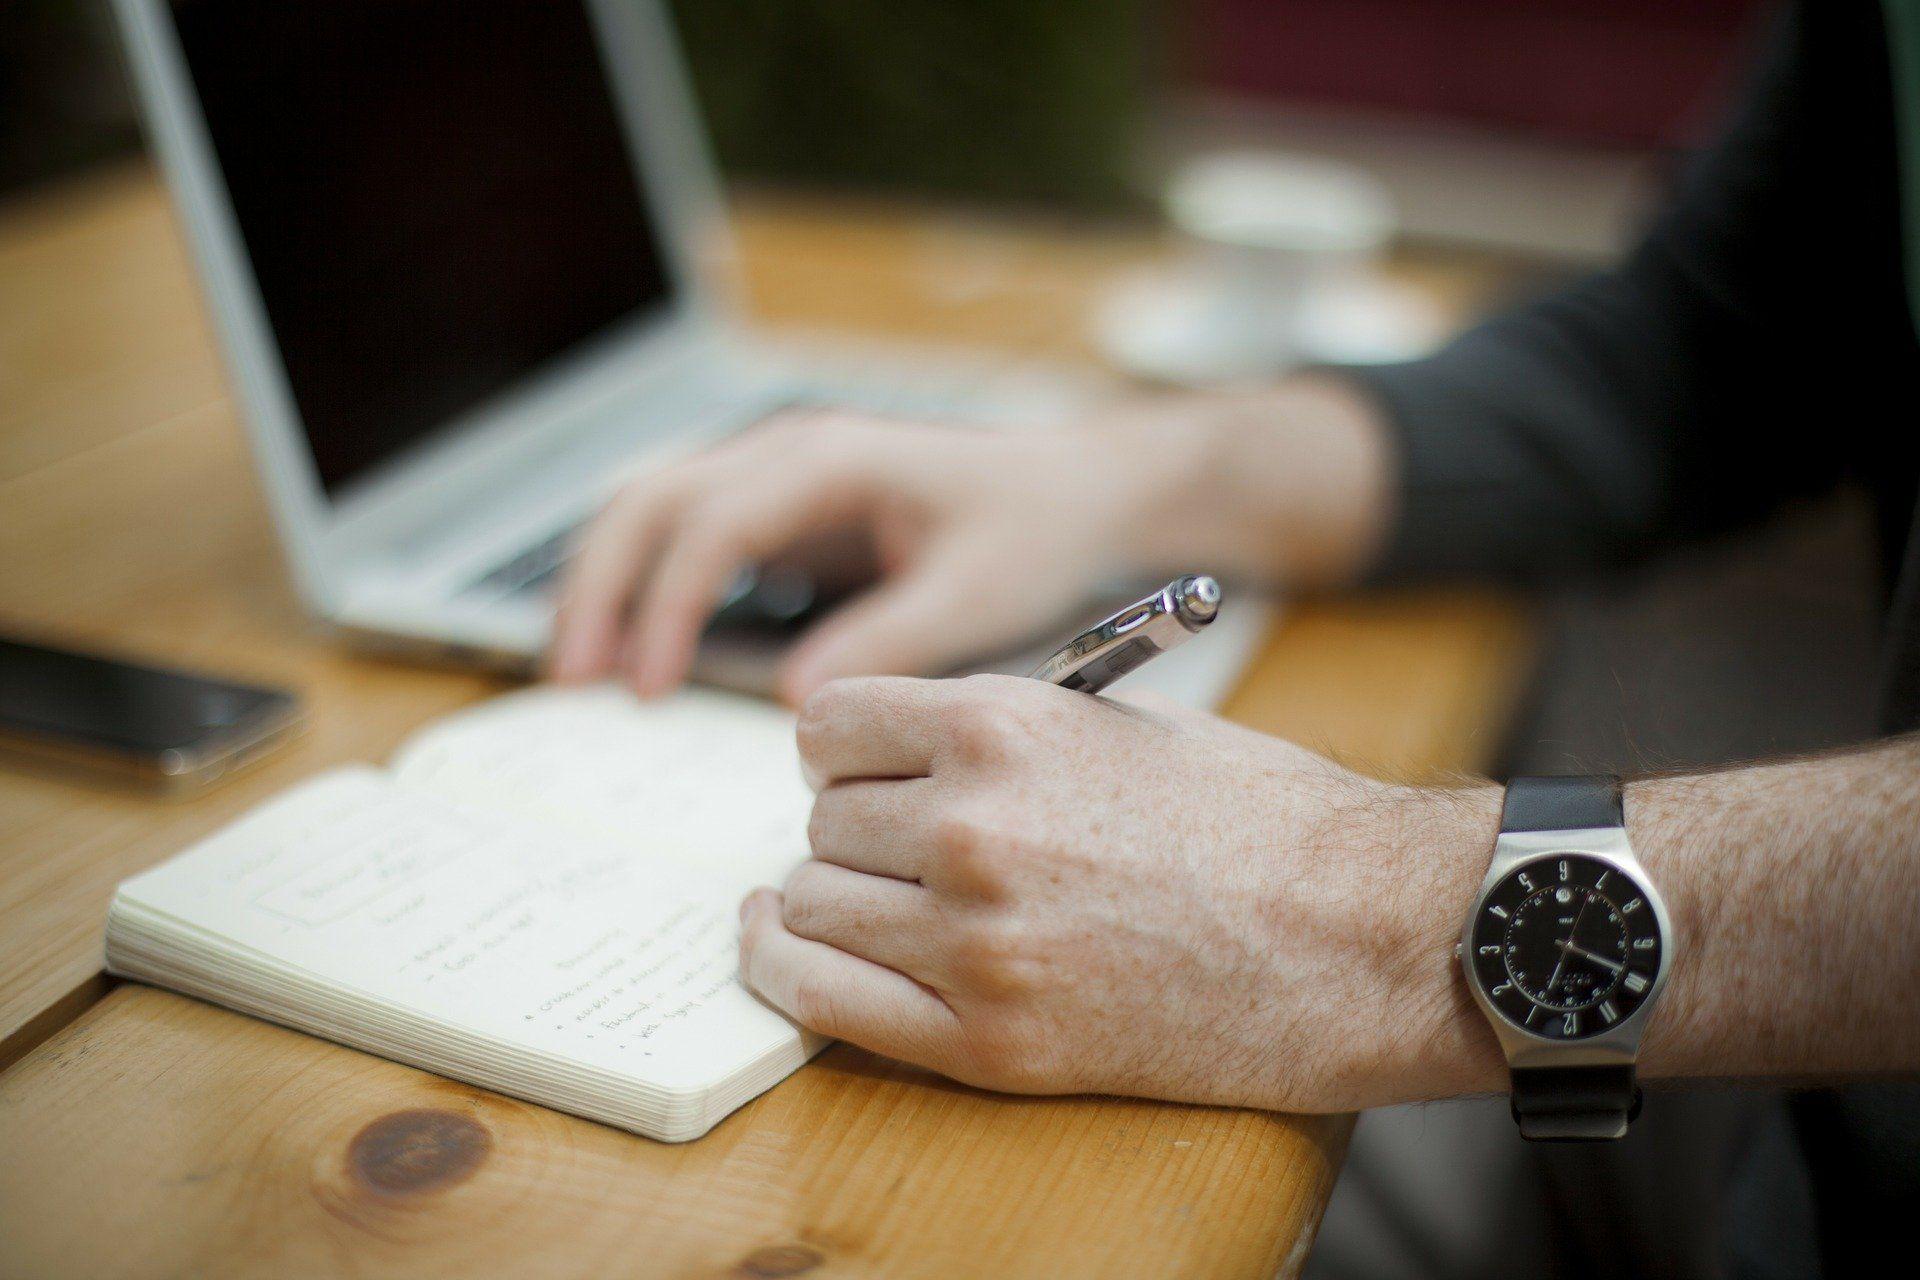 Eine Hand trägt etwas in ein Notizbuch ein.